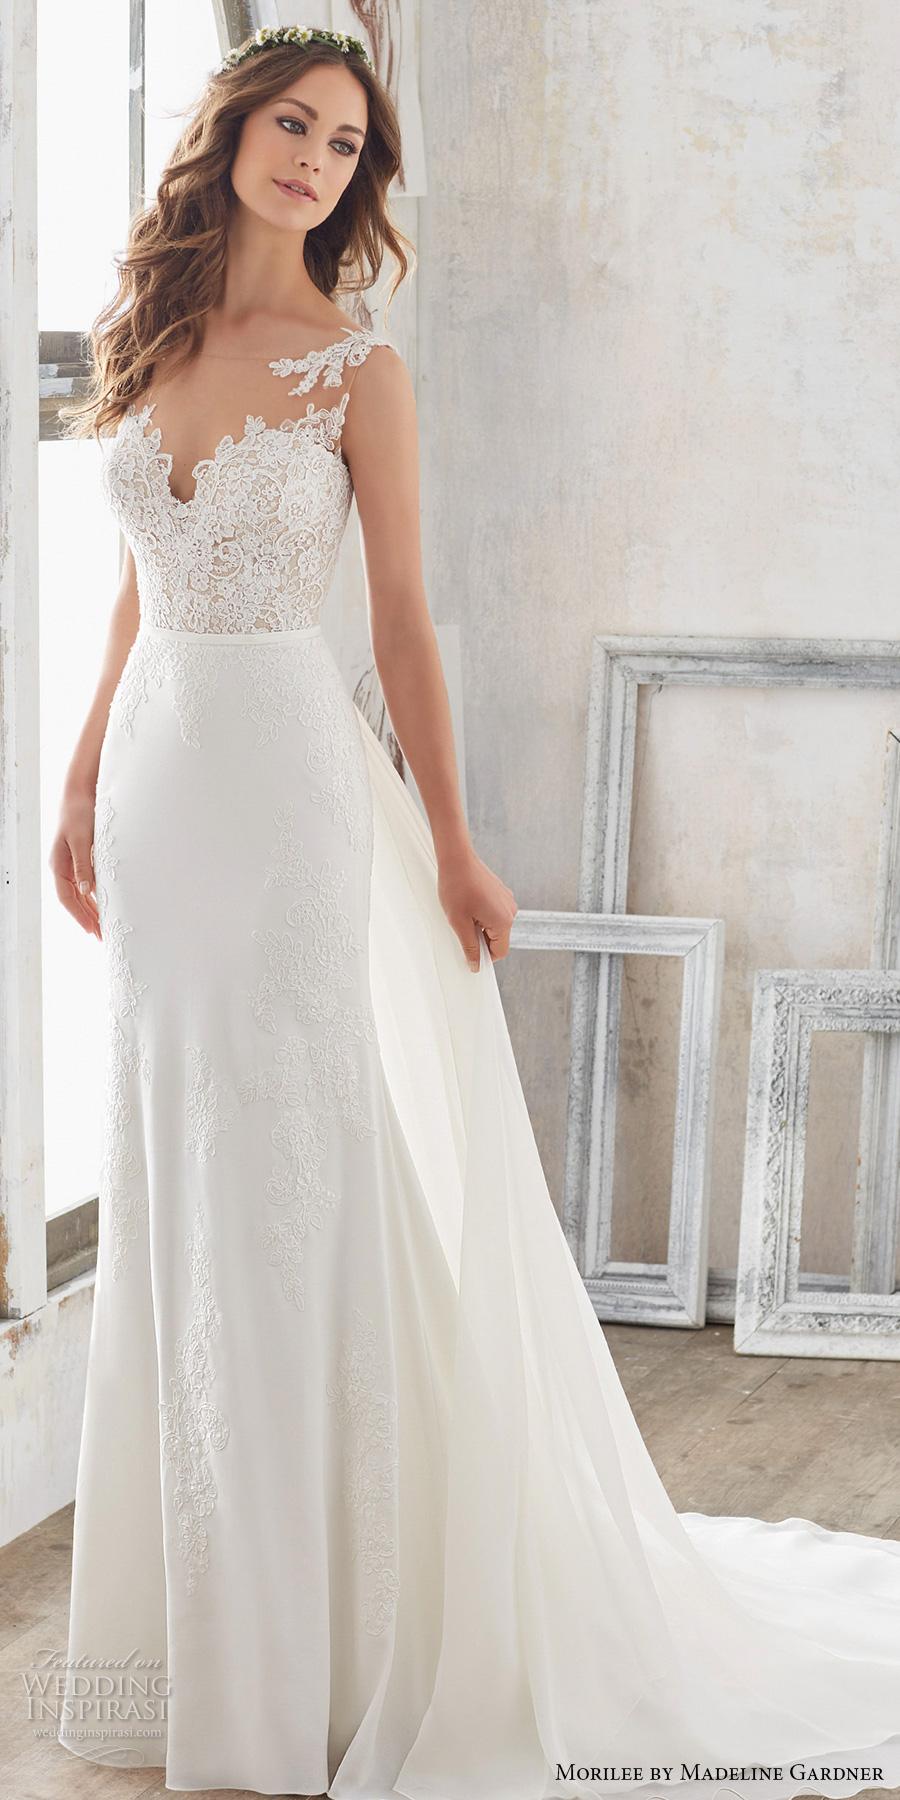 Morilee By Madeline Gardner Spring 2017 Wedding Dresses Blu Collection Wedding Inspirasi,Designer Plus Size Wedding Guest Dresses